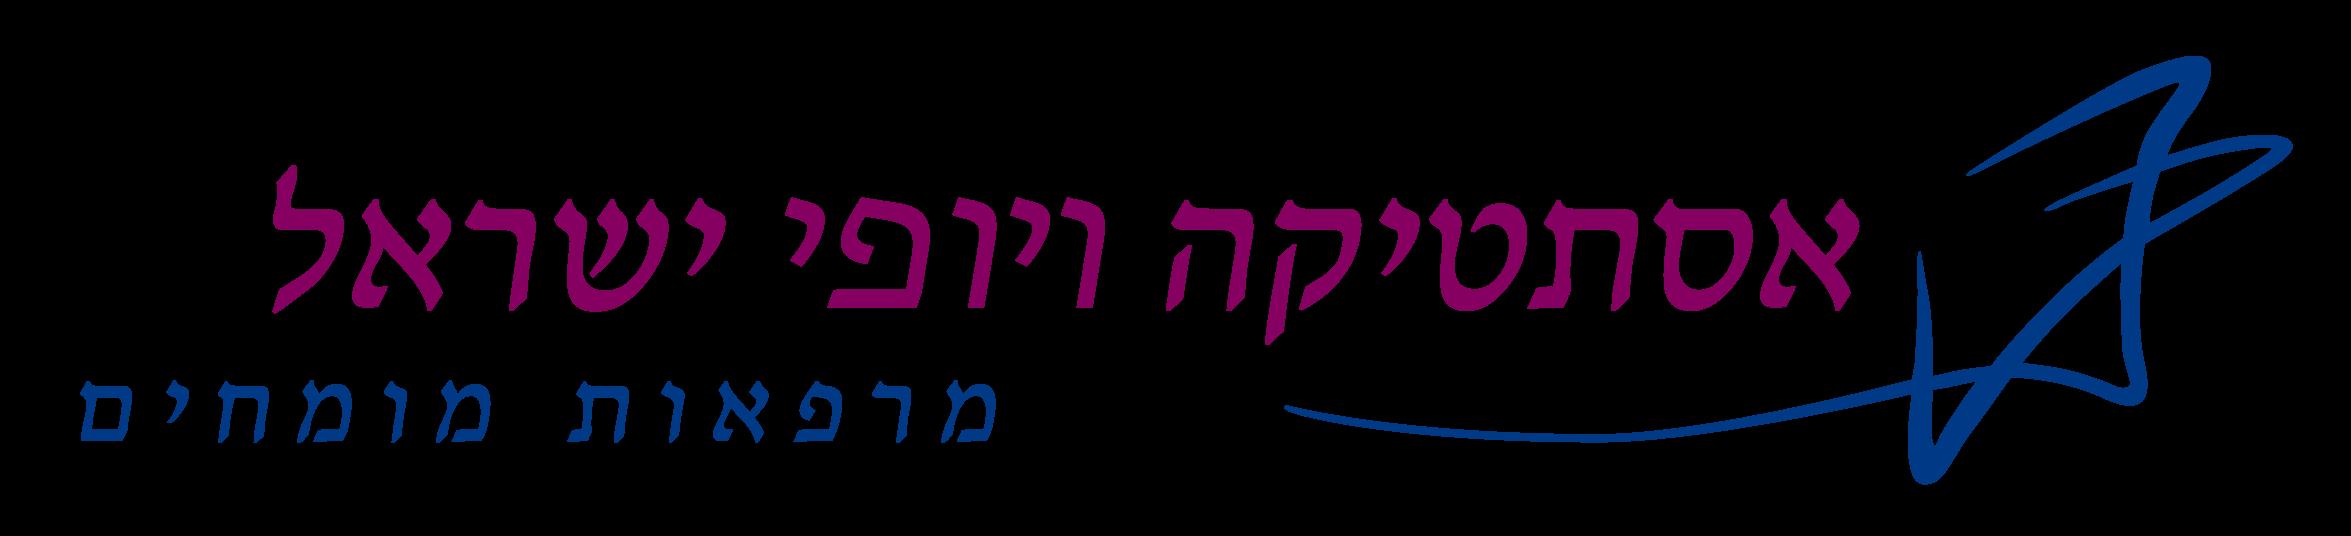 אסתטיקה ויופי ישראל | לוגו